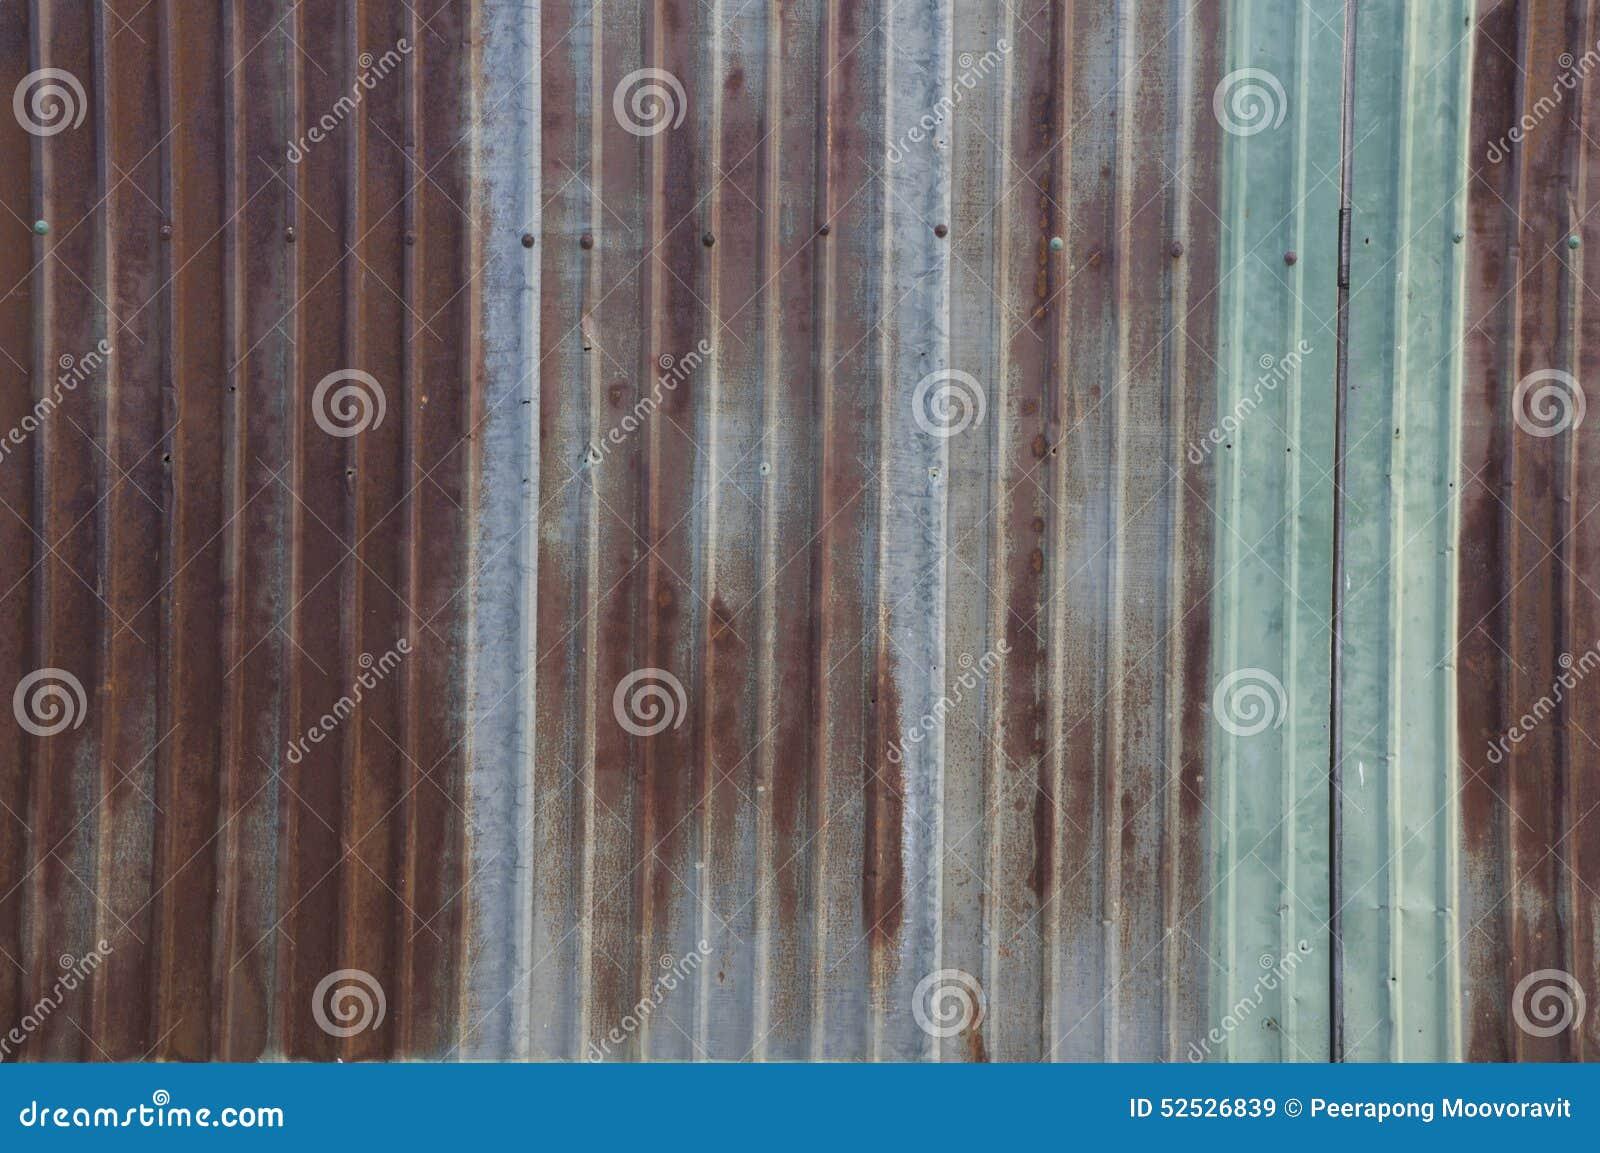 Metalu prześcieradła rdzy ściany domu domu wieśniaka pojęcie